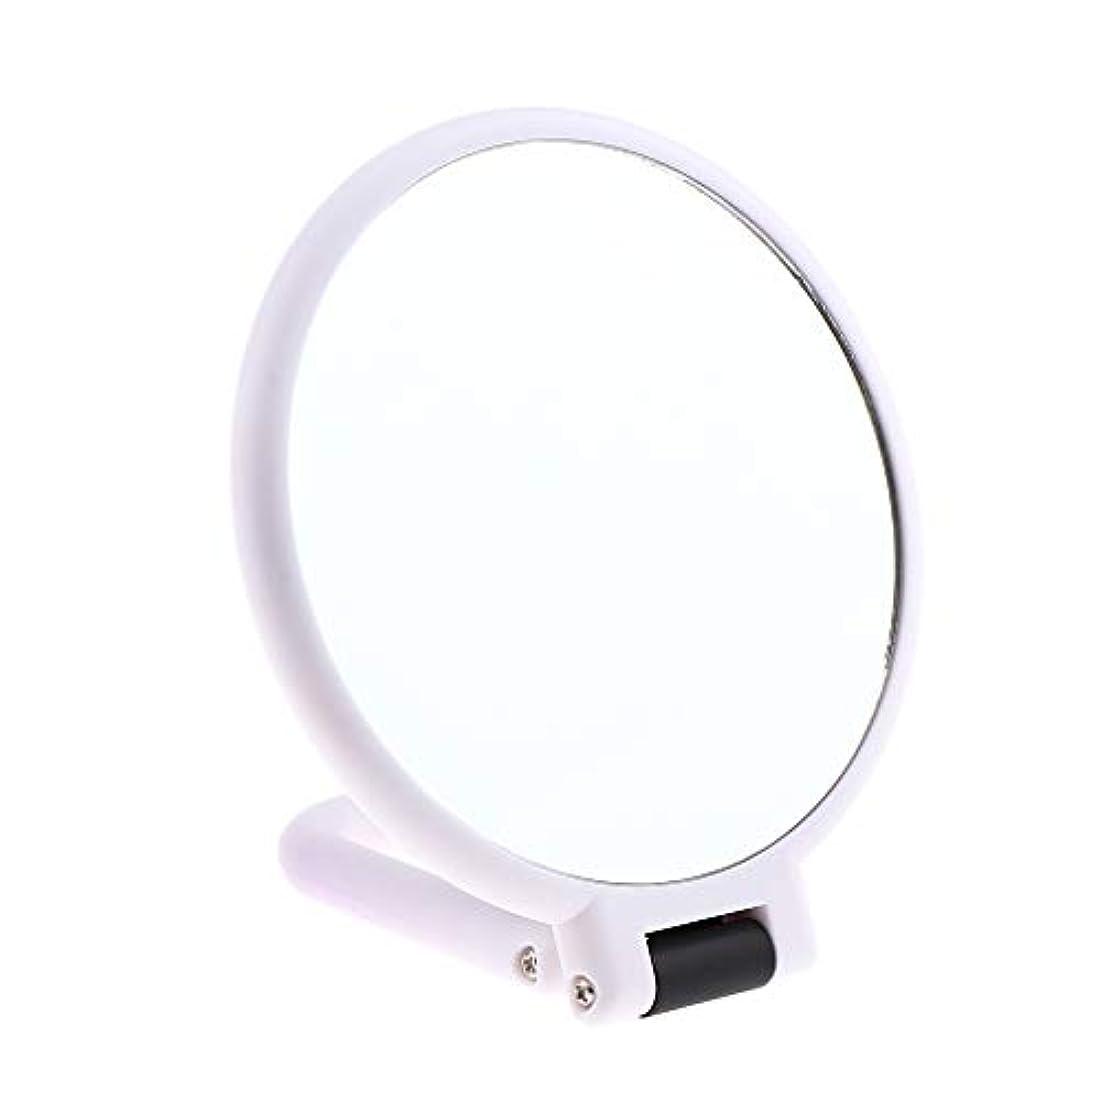 七時半スロベニア節約両面化粧鏡 拡大鏡 ラウンド メイクアップミラー お化粧 ホワイト 5仕様選べ - 10倍